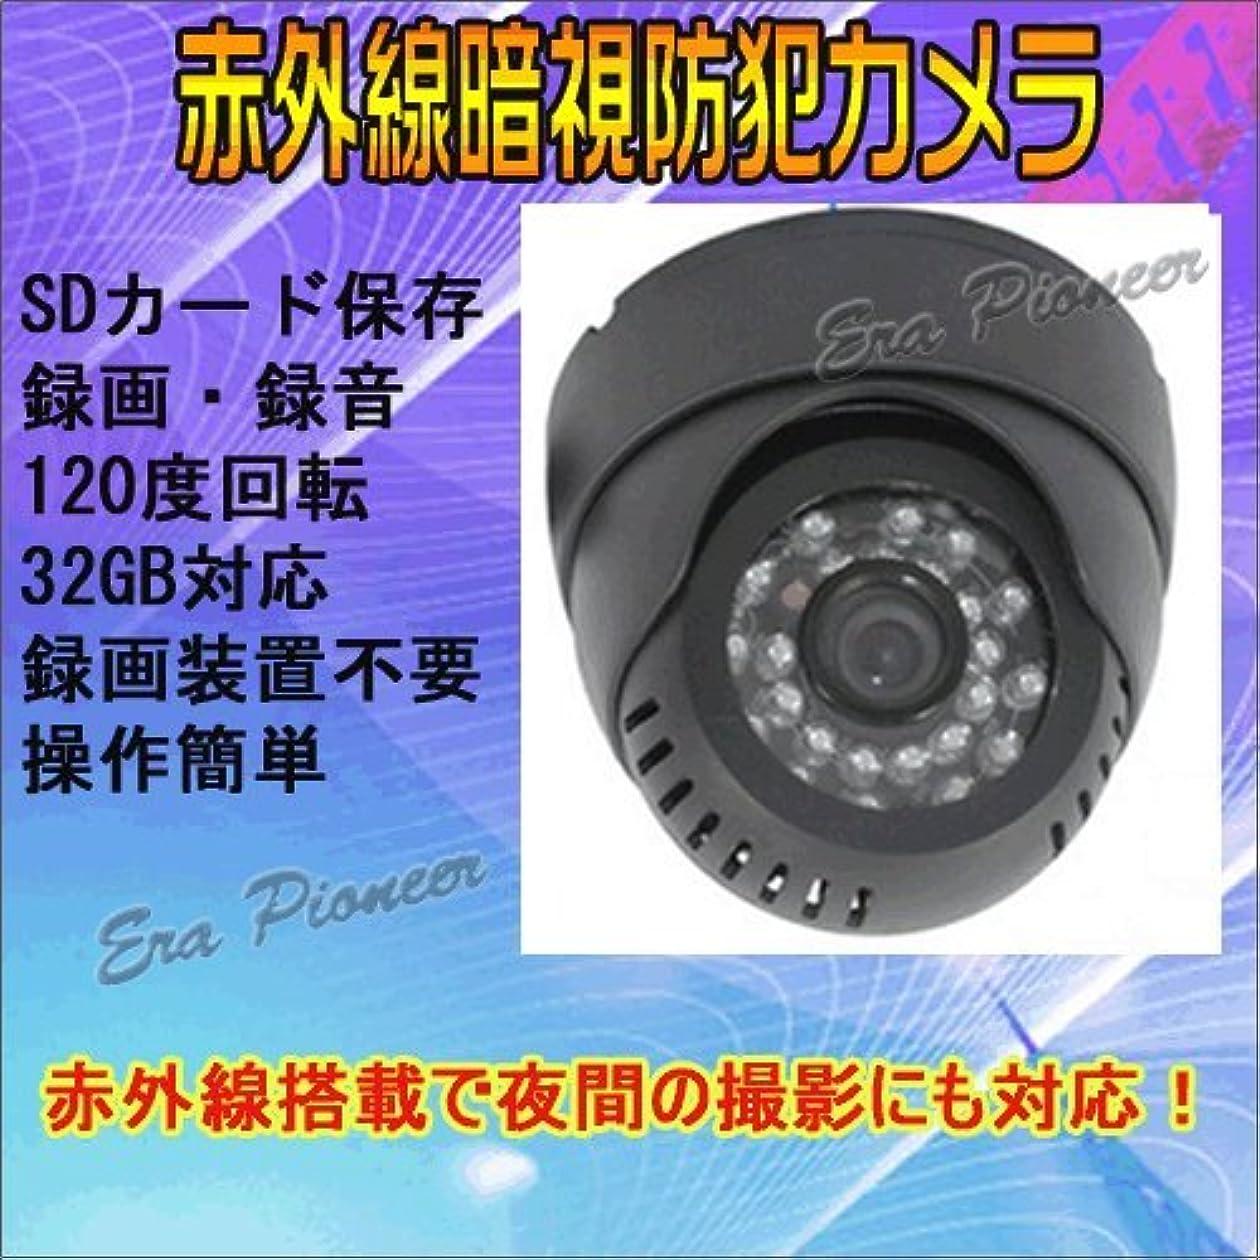 武装解除神社噴火【販売元: ERAPIONEERSTORE】【在庫SALE】 防犯カメラ 監視カメラ/SDカード録画/録音/赤外線LED/暗視/32GB対応/夜間撮影可/家庭用/防犯カメラ/PCカメラ/ウェブカメラ/録画/SDカード録画/ビデオカメラ 小型/小型 カメラ/ミニカメラ k802e-1